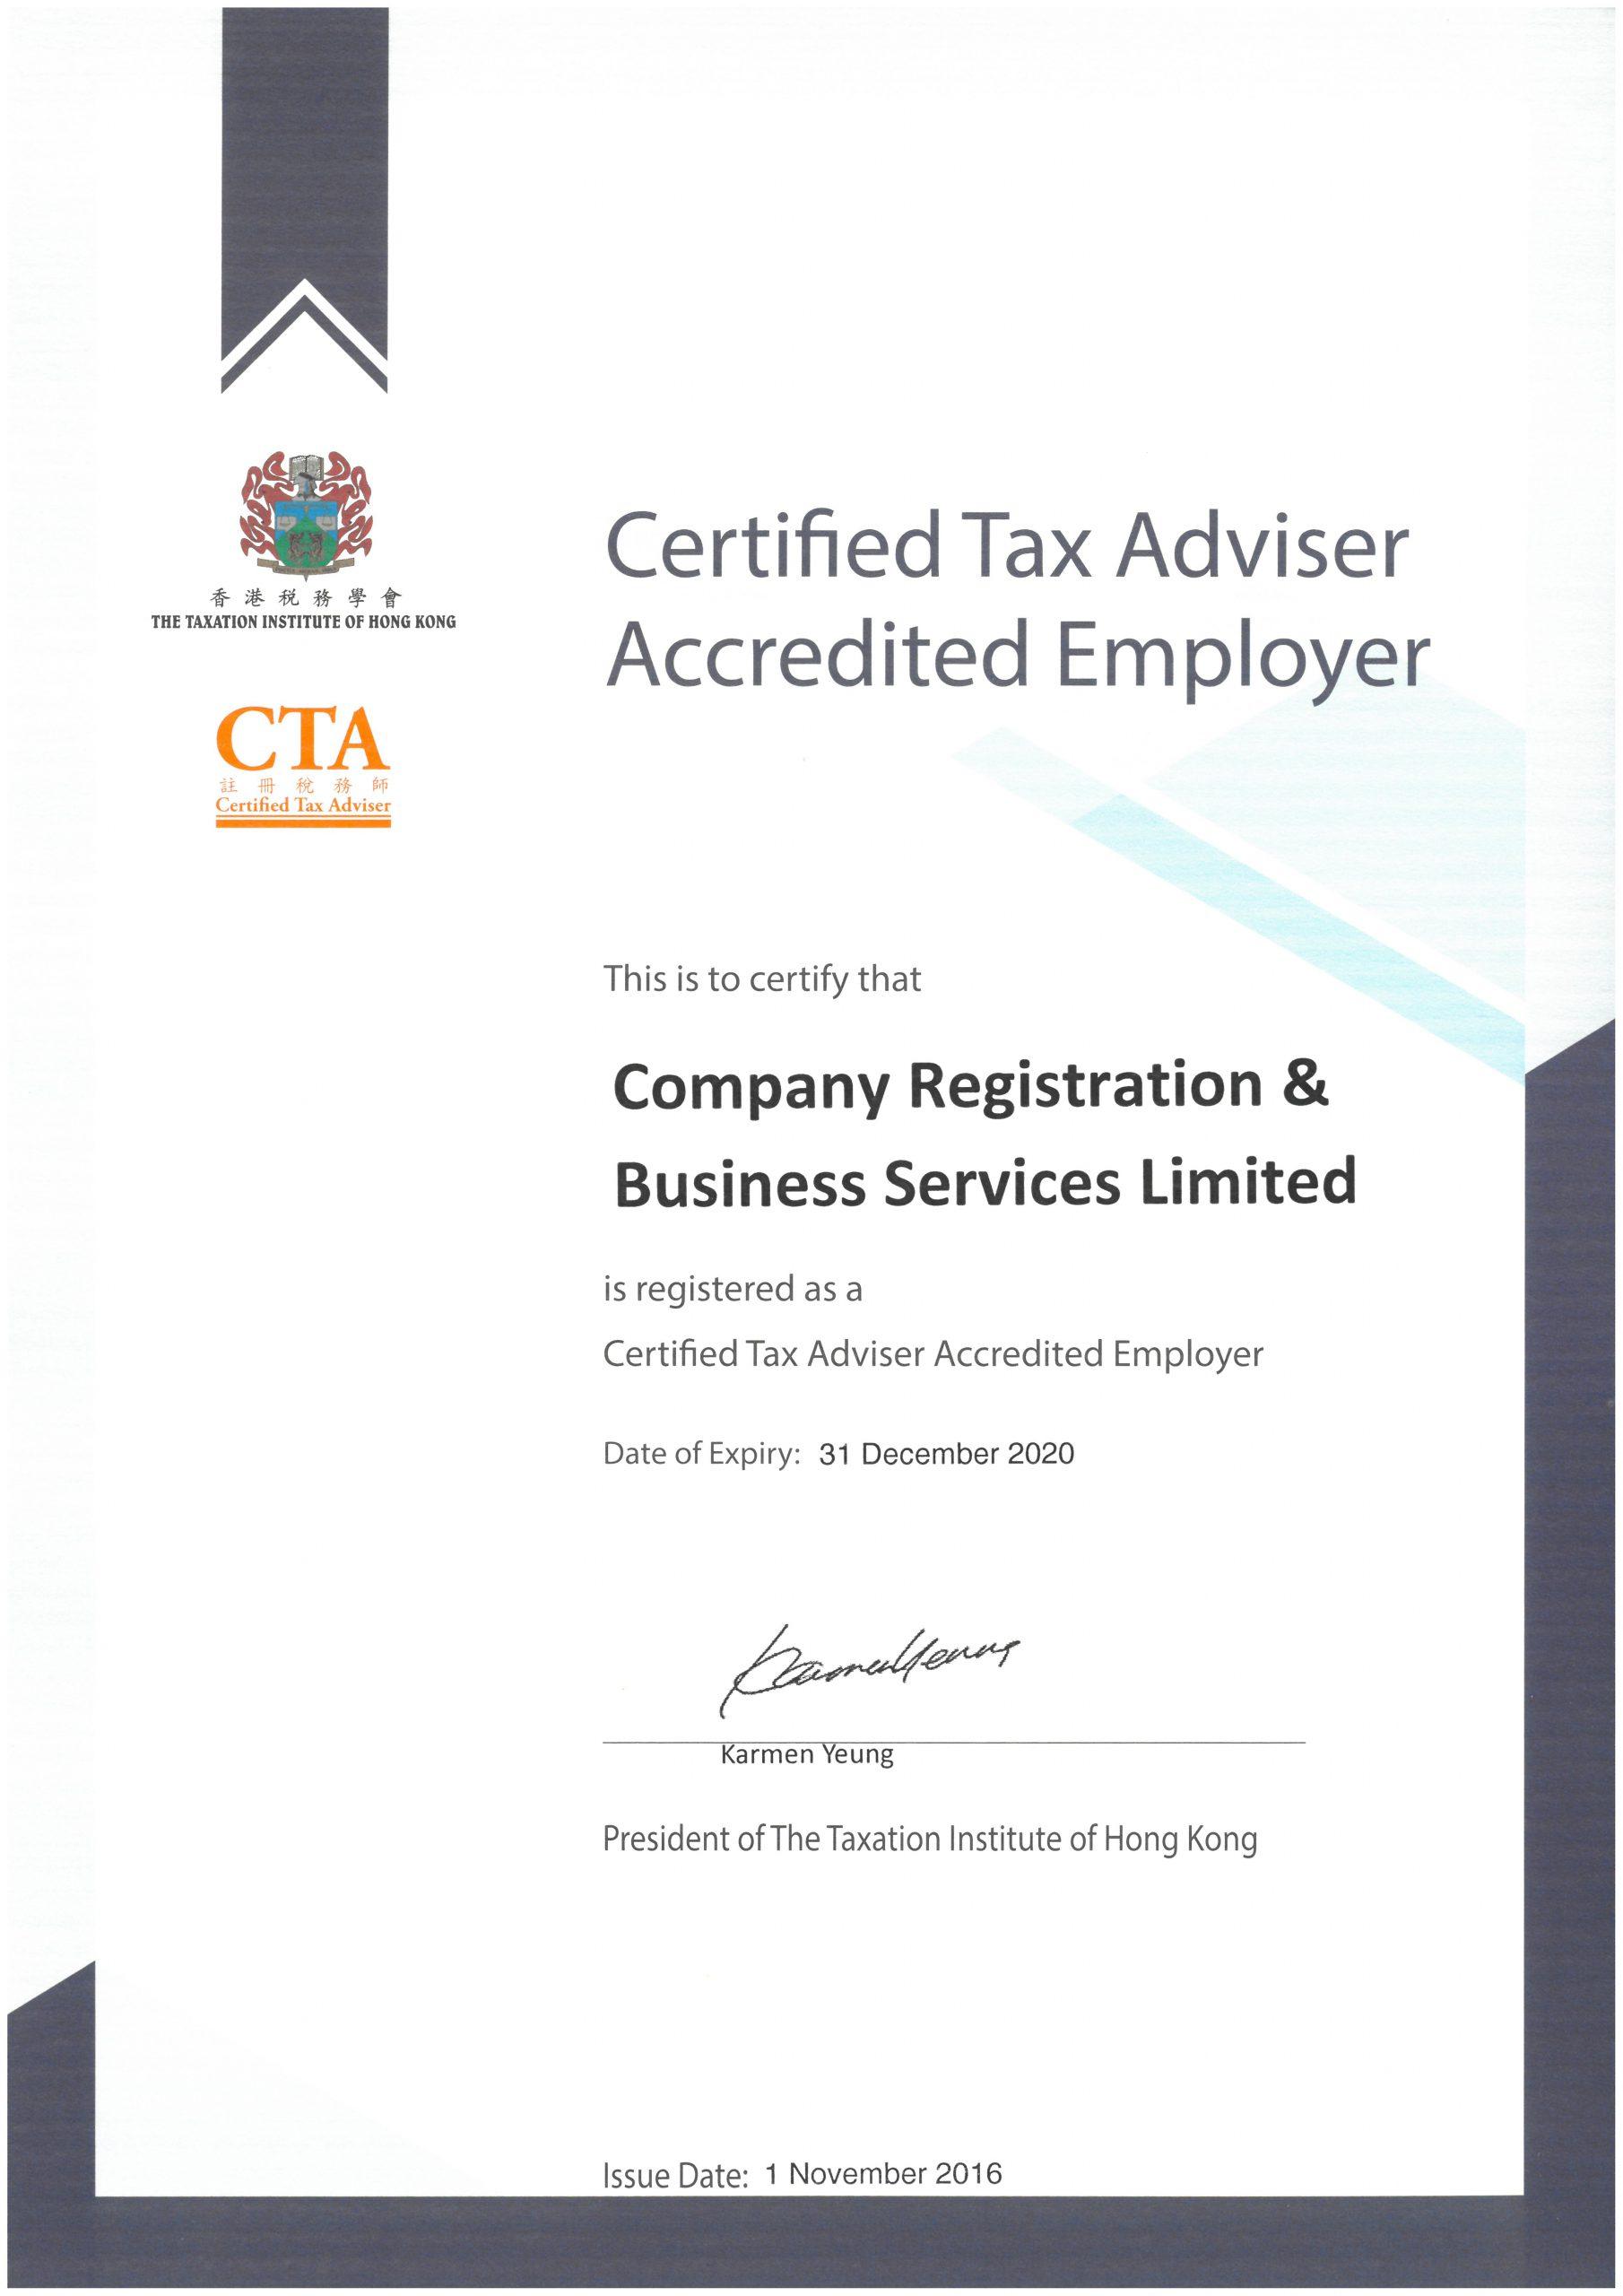 CTA Certificate